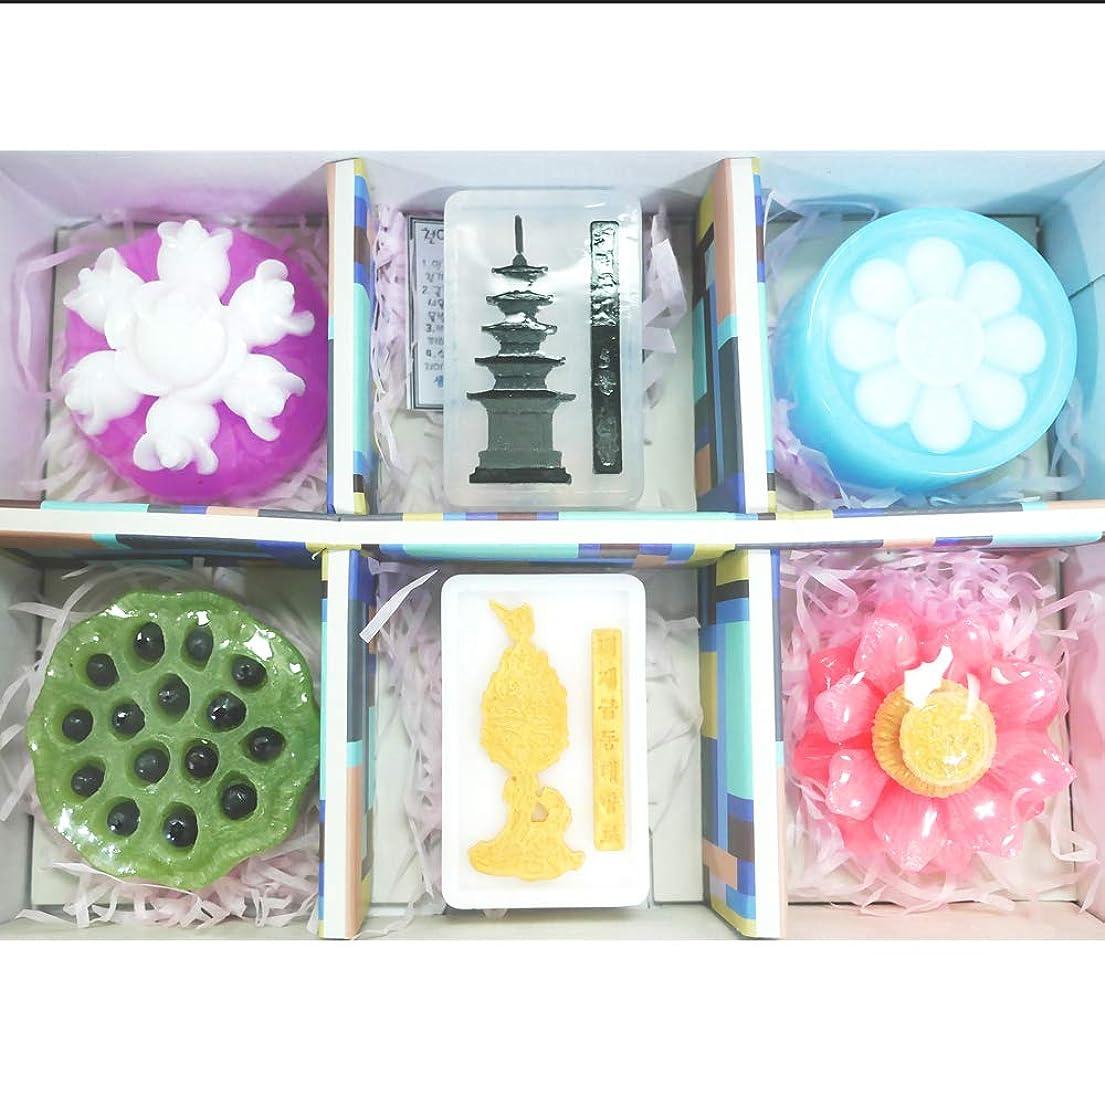 補償発火するタブレット[ソドン] 韓国 百済 手漉き石鹸 1 セット(3.5オンスx 6石鹸)